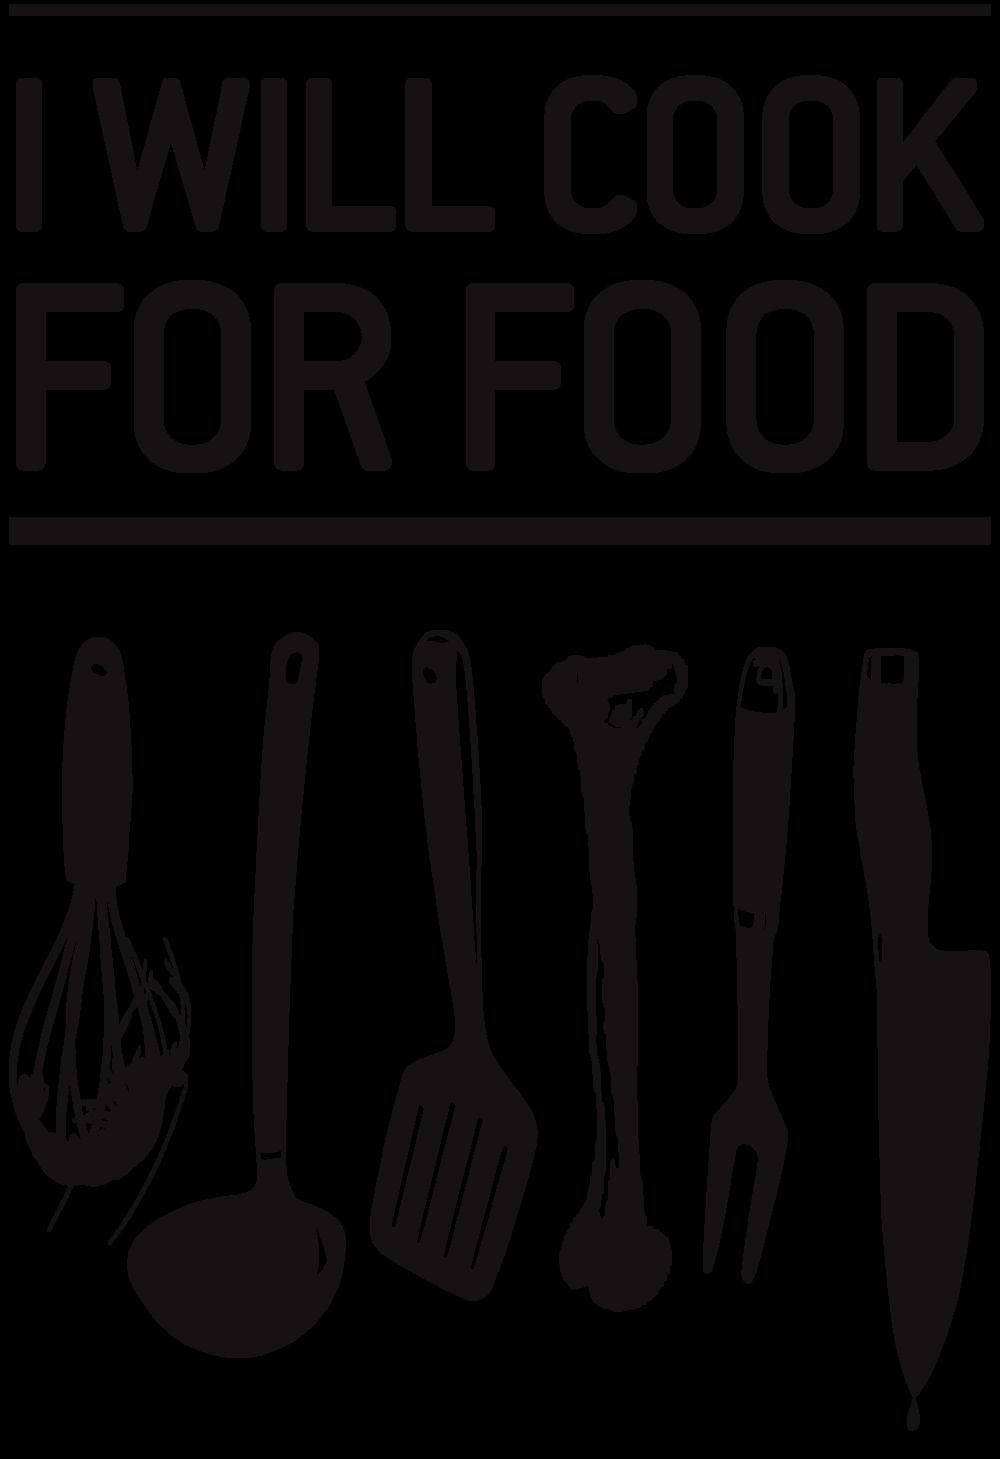 logo-larger.png